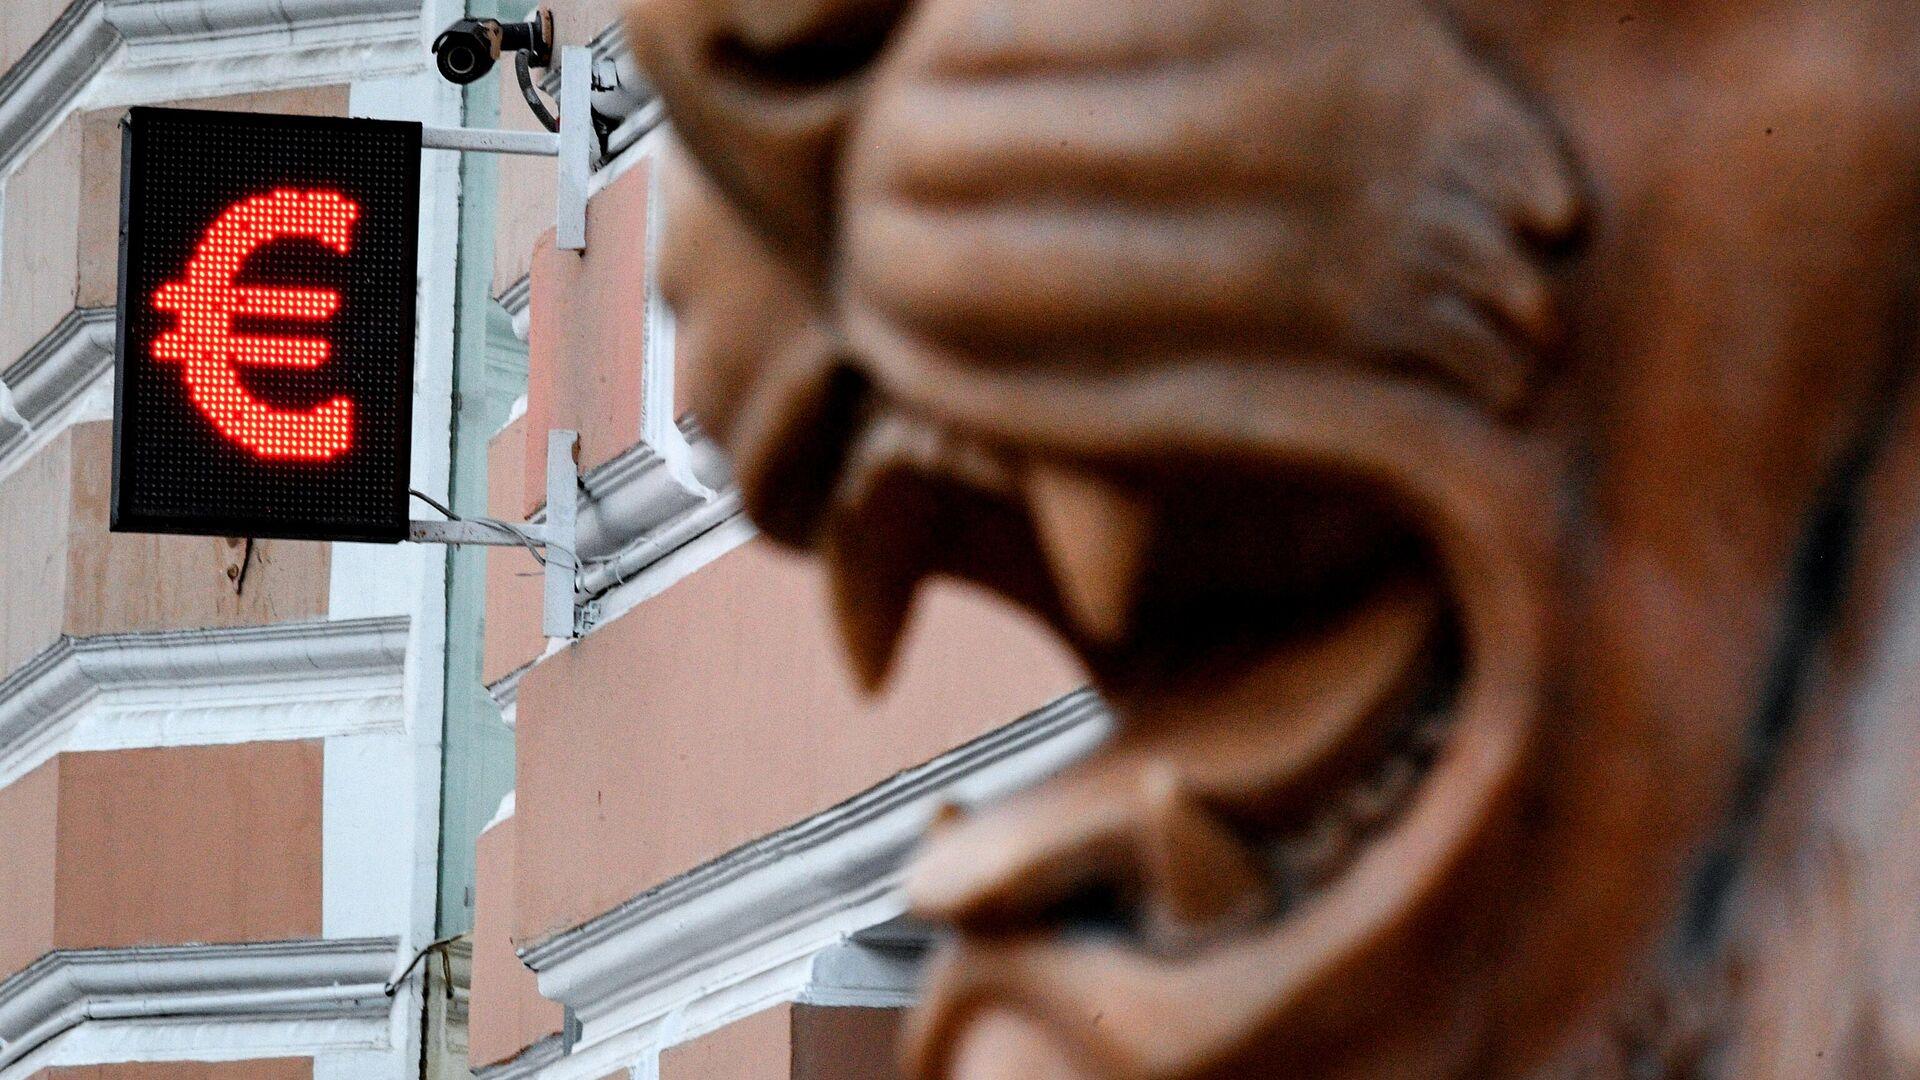 Электронное табло со знаком евро - РИА Новости, 1920, 22.01.2021